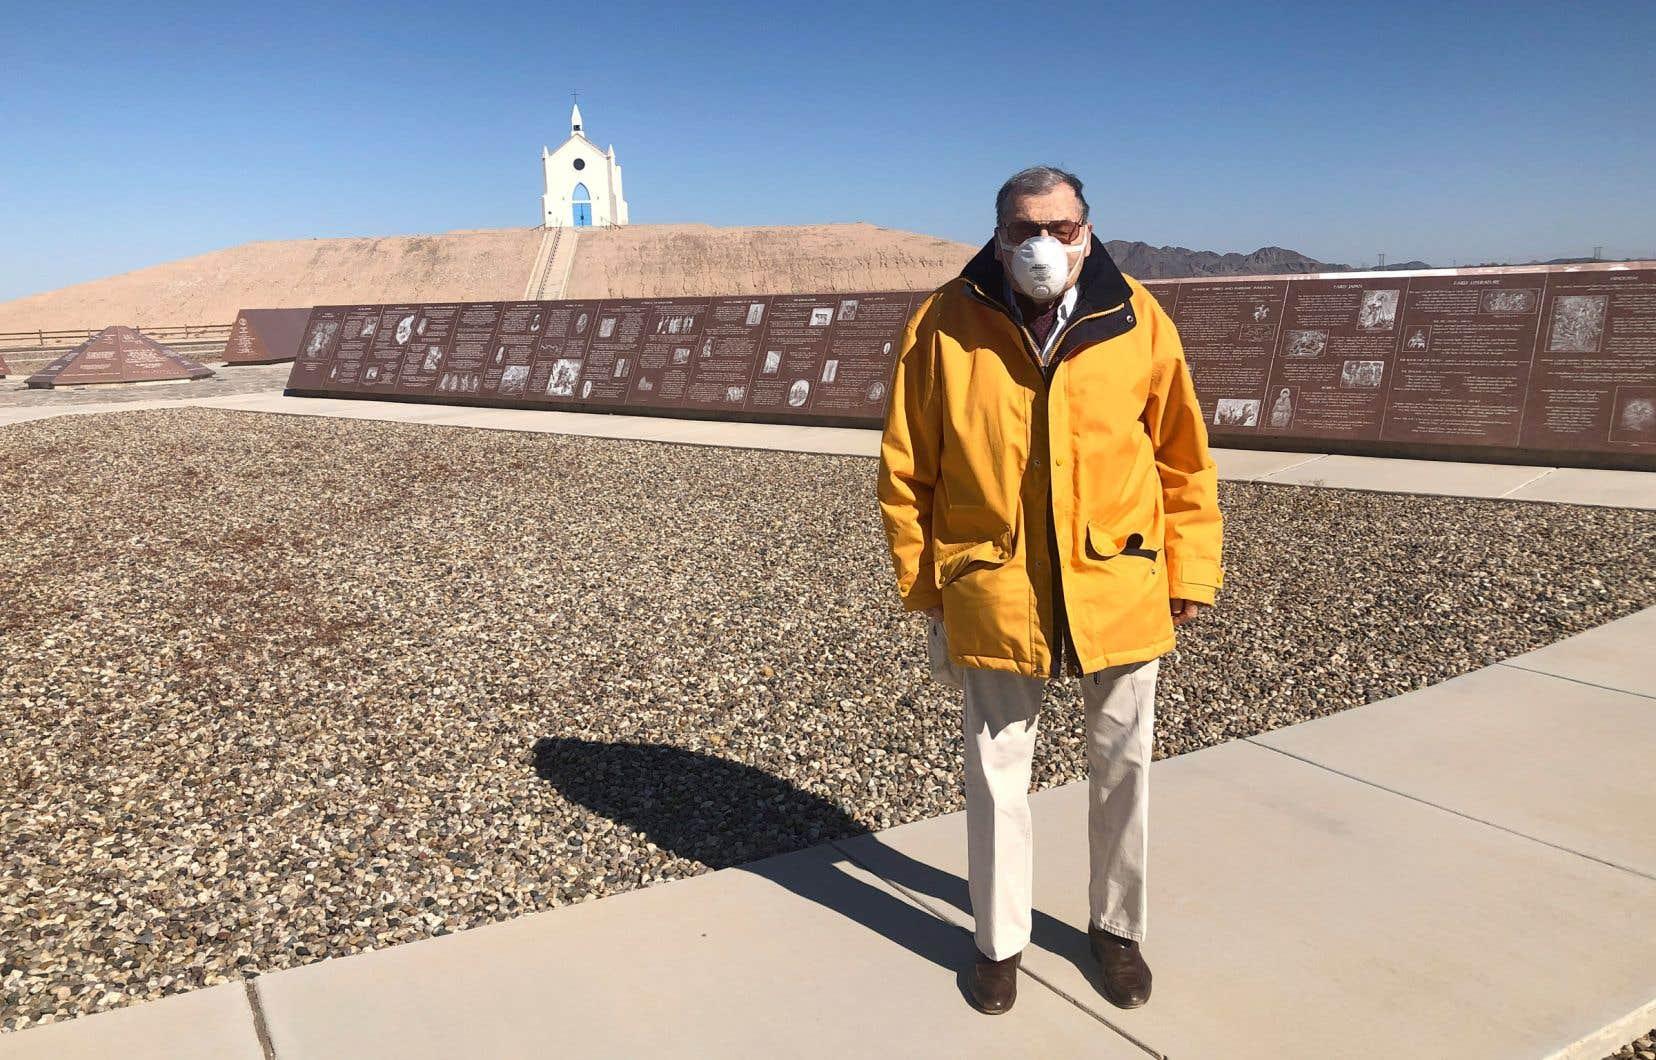 Jacques-André Istel devant son musée, le Museum of History in Granite, situé à Felicity, un minuscule village planté au beau milieu du désert de la Californie.